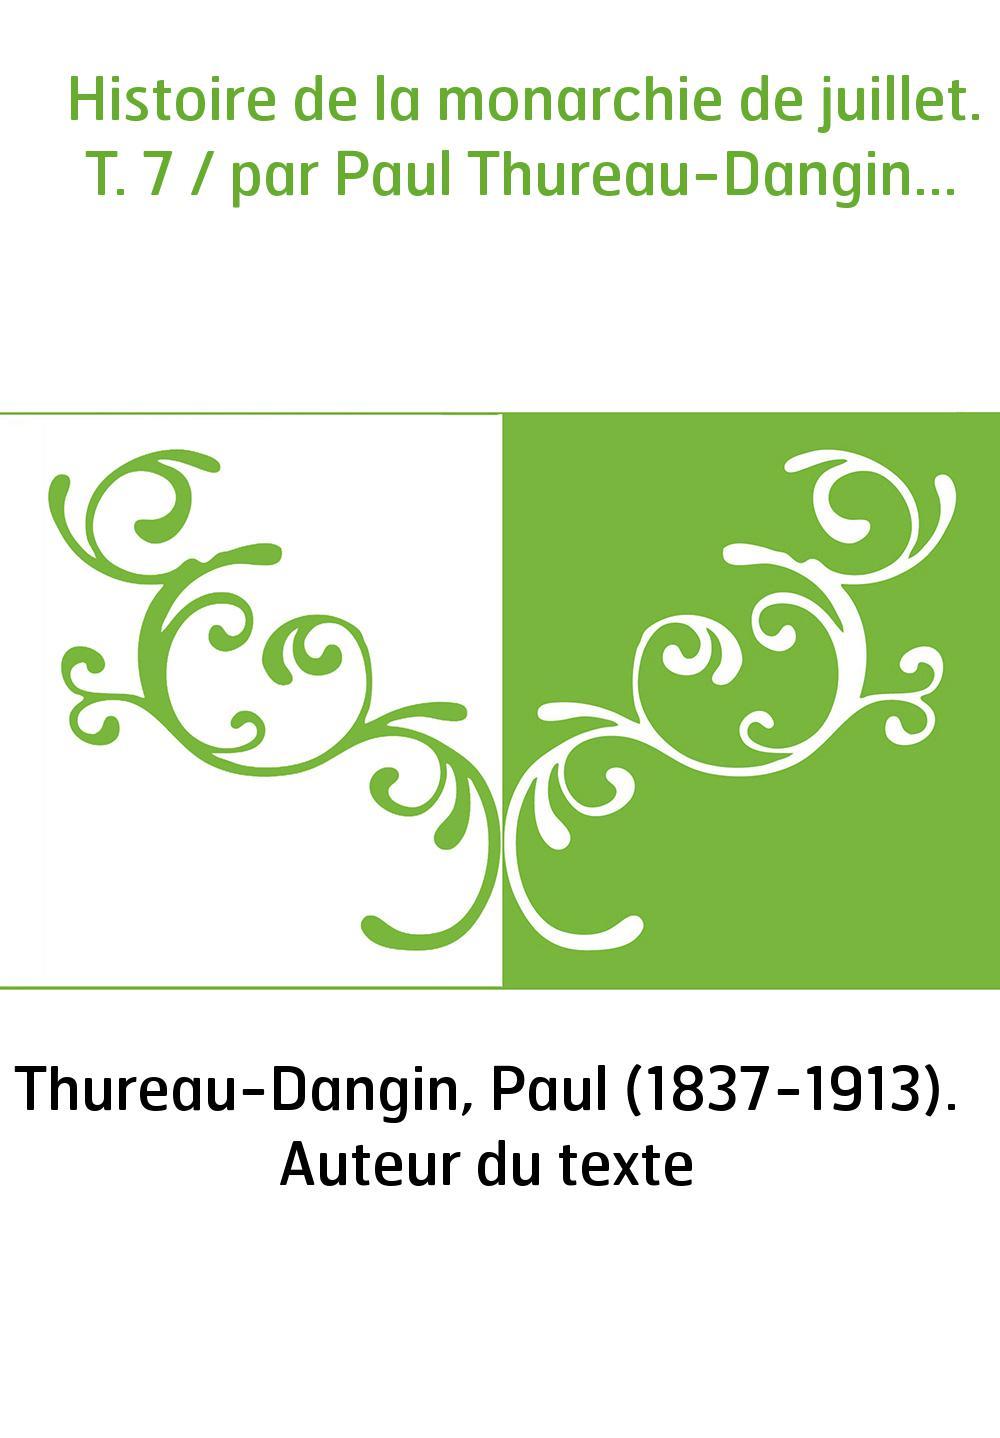 Histoire de la monarchie de juillet. T. 7 / par Paul Thureau-Dangin...